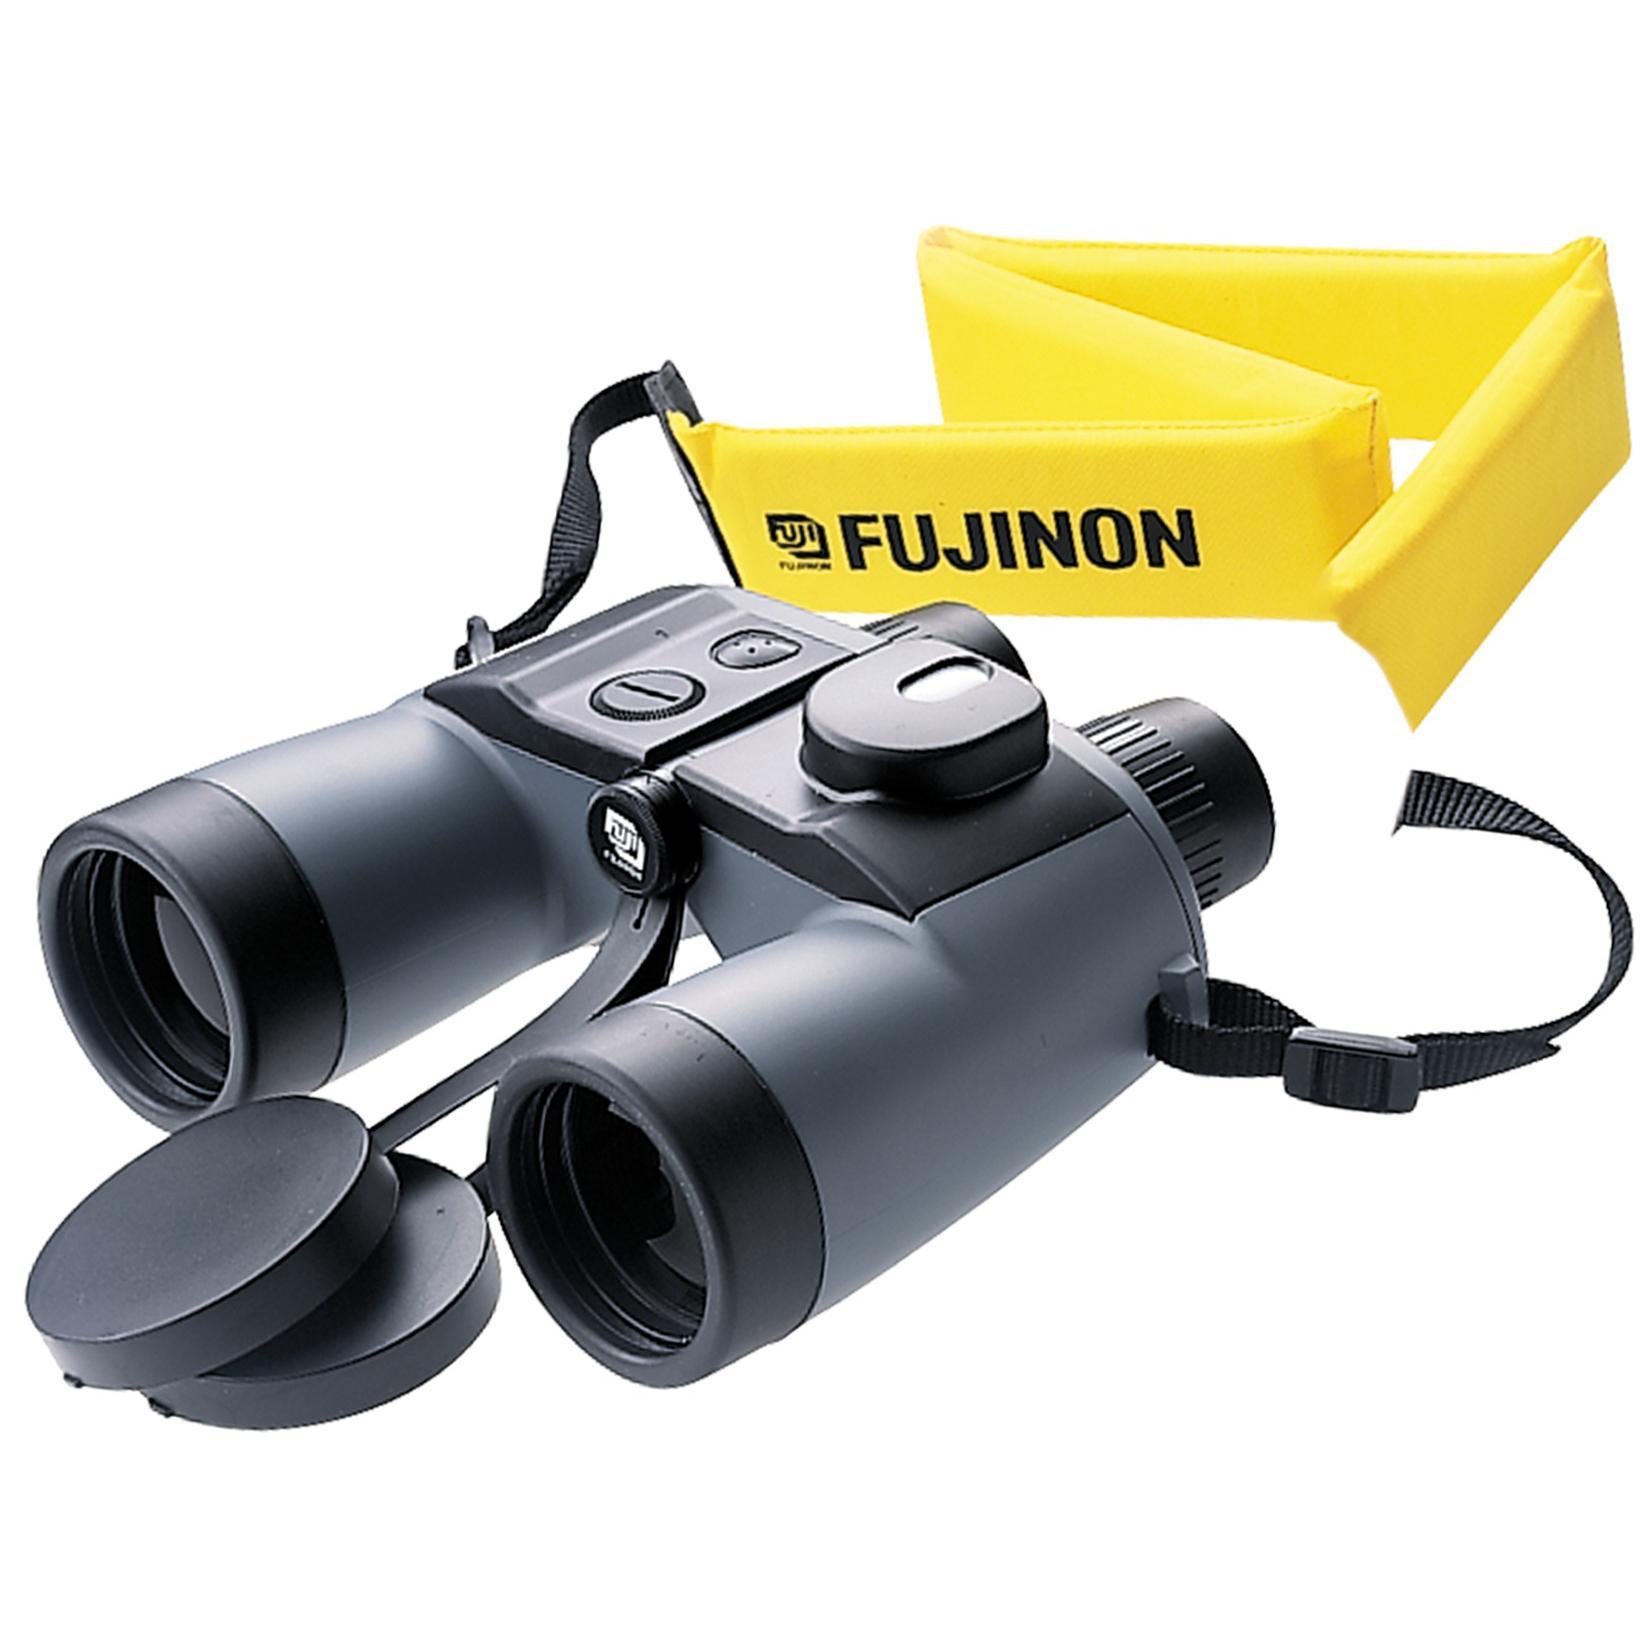 Fujinon mariner fernglas fernglas wpc xl mit beleuchtetem